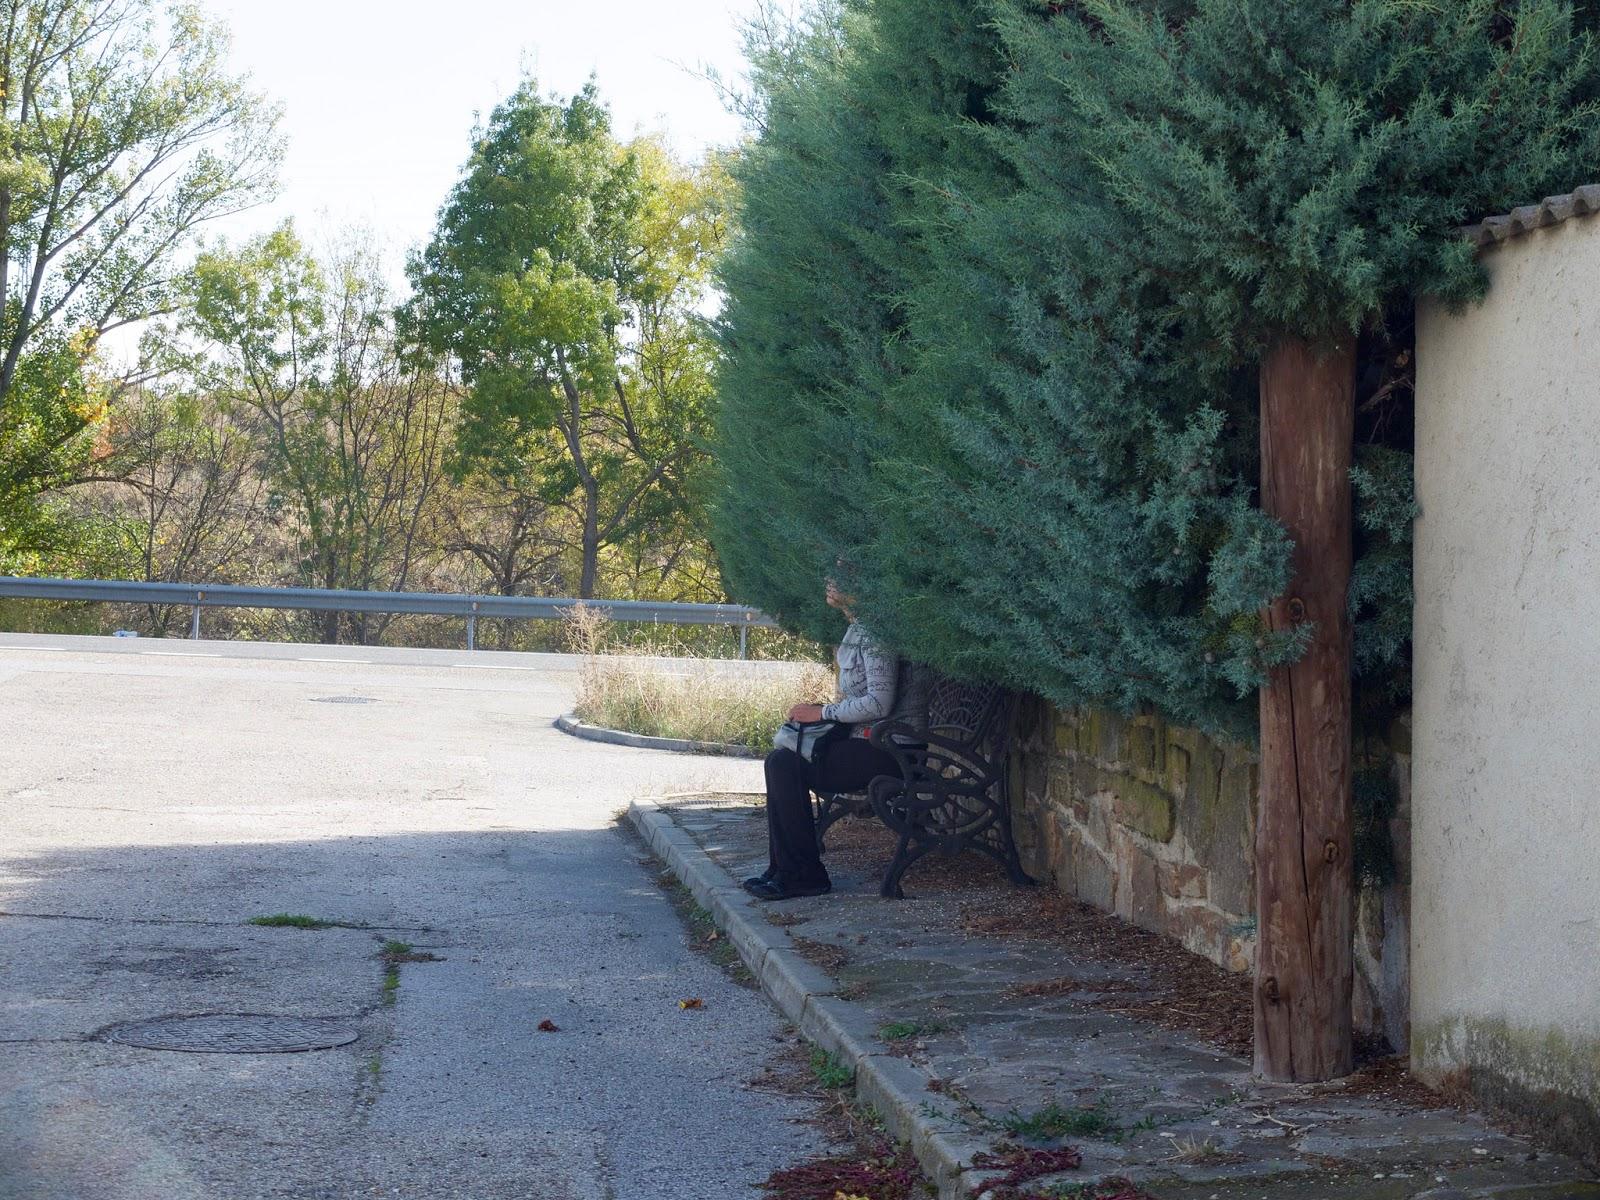 Mujer esperando el Autobus en Gascones, Madrid, 2015